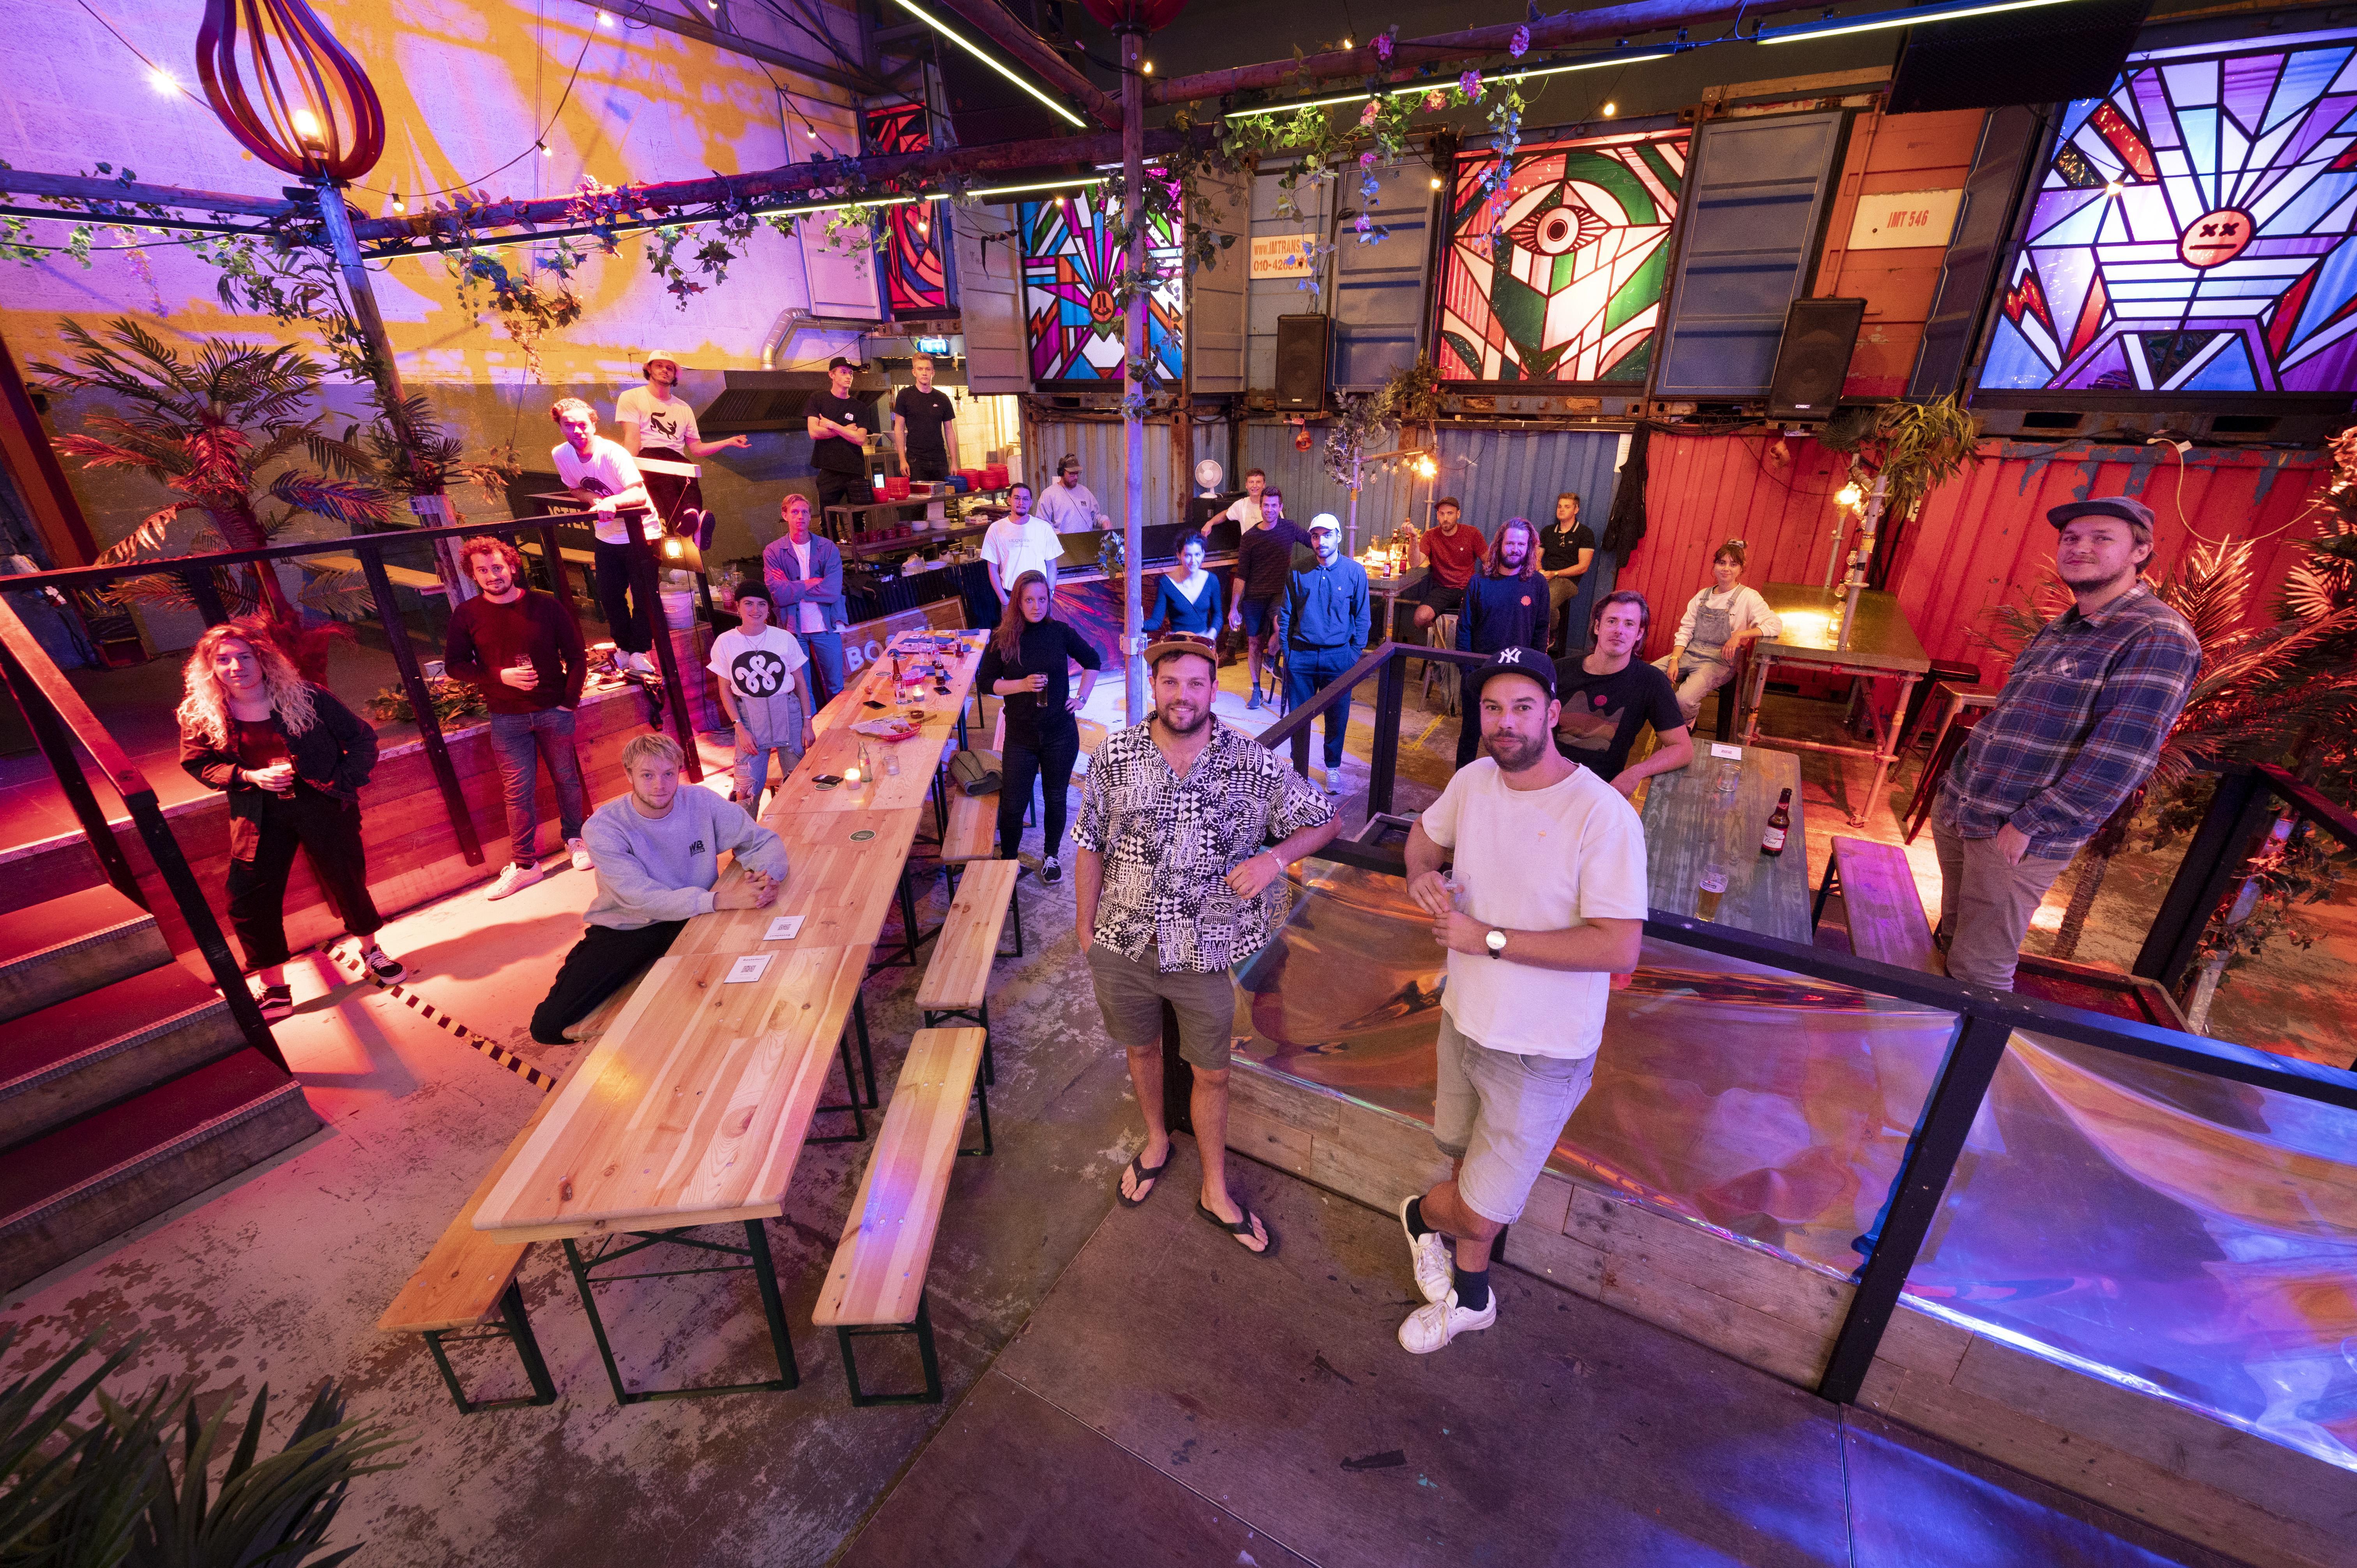 Clubs en feestcafés in de Leidse regio hebben het zwaar: 'Al generaties lang vermaken we het uitgaanspubliek. Die missen nu hun plekje'